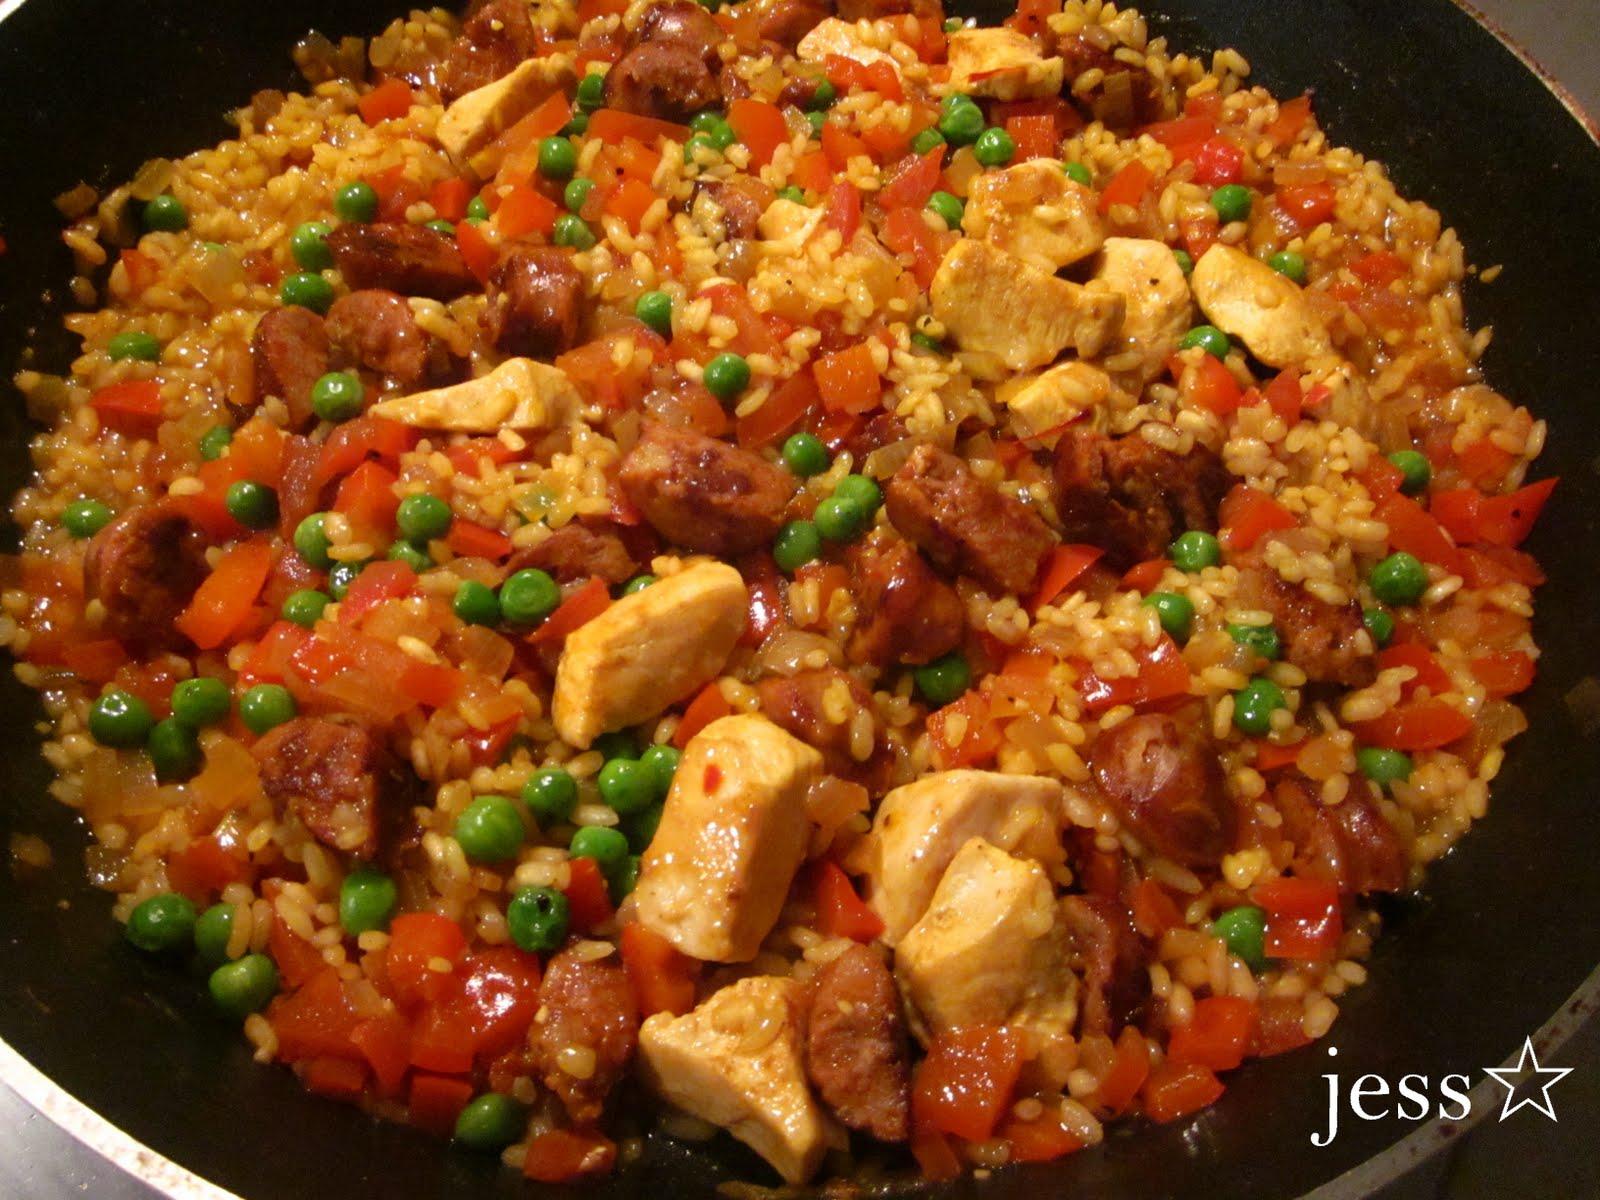 Multicultural Melbourne: Chicken & Choriza Paella